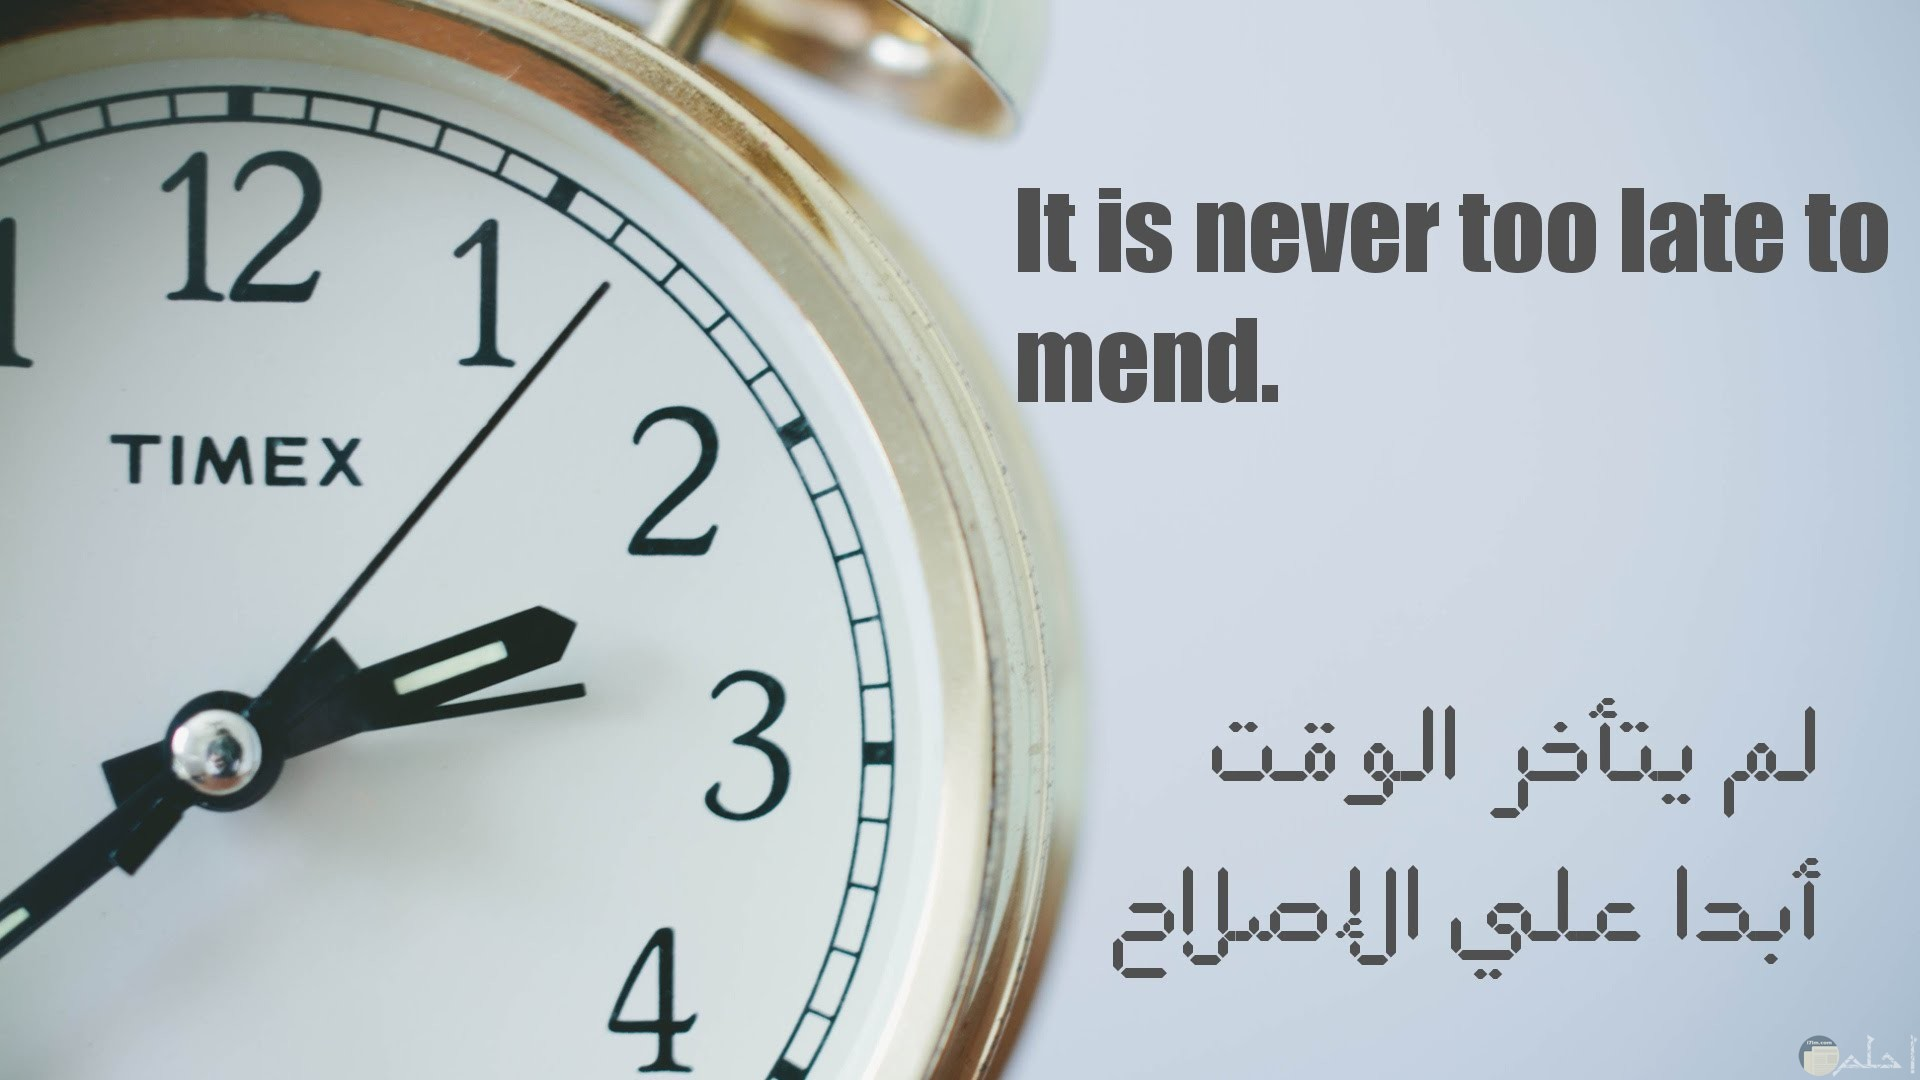 صور معبرة عن اهمية الوقت كخلفية سنابية